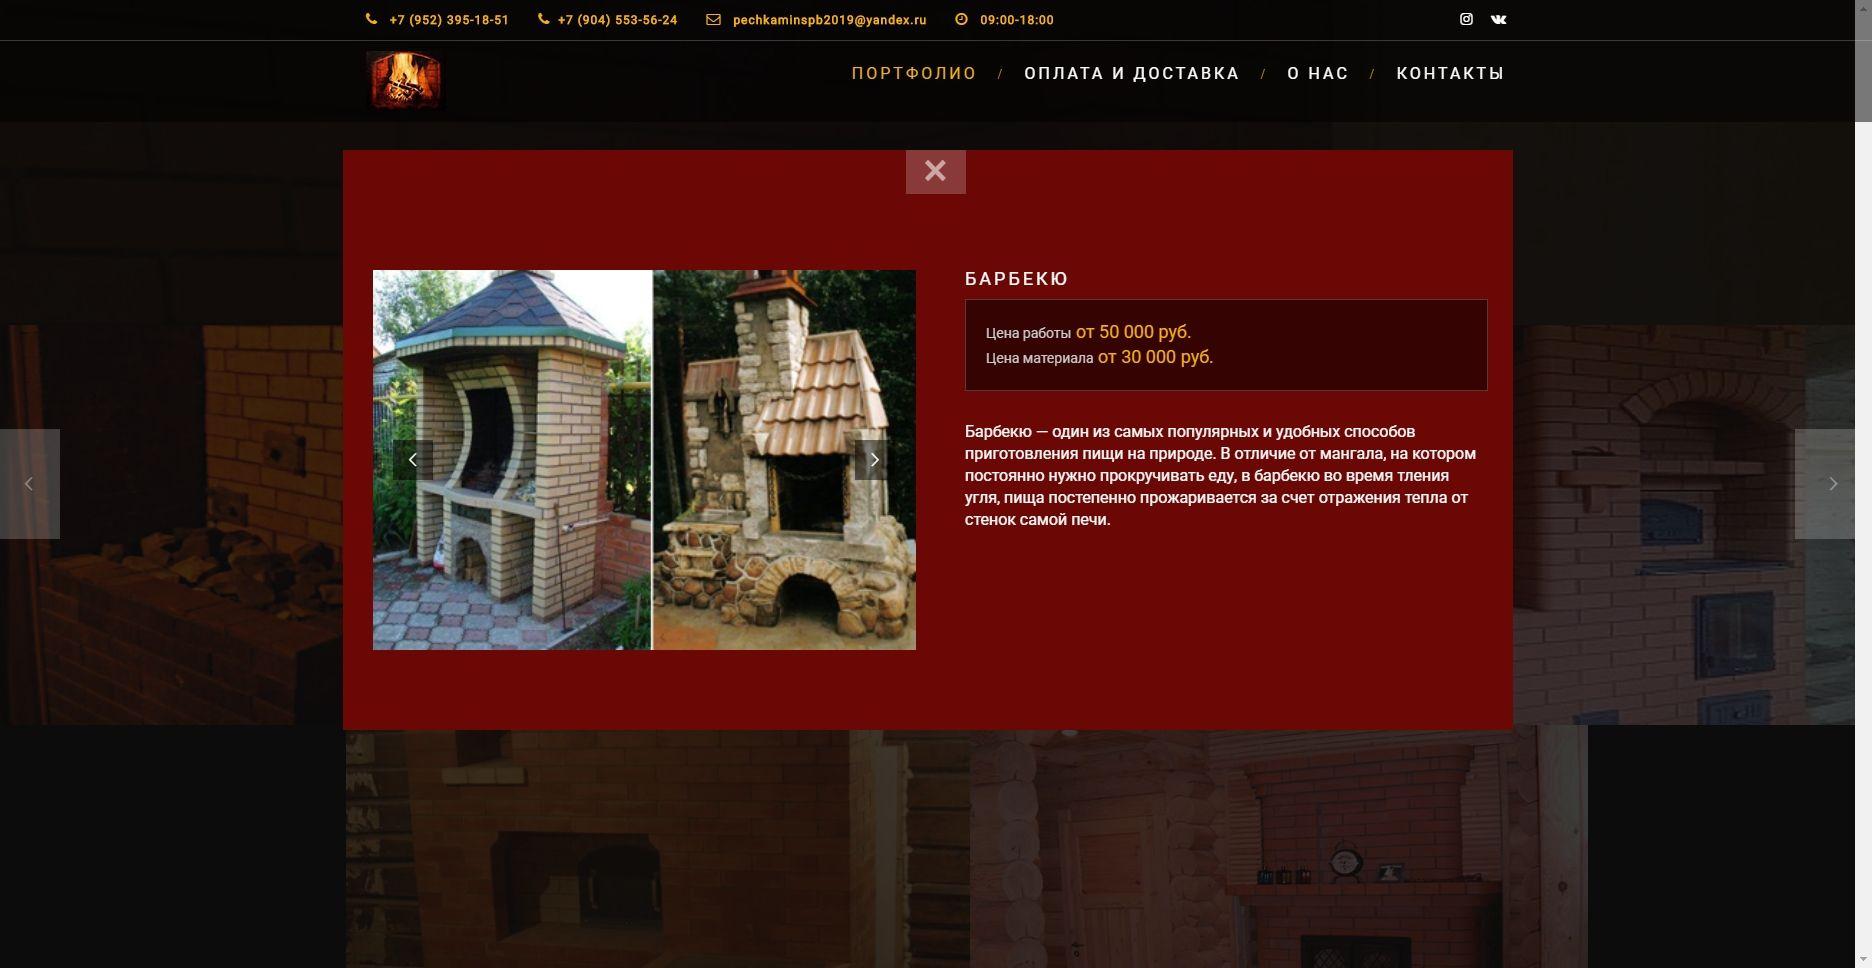 Сайт для компании по изготовлению печей и каминов - http://pechkaminspb.andreaszak.ru